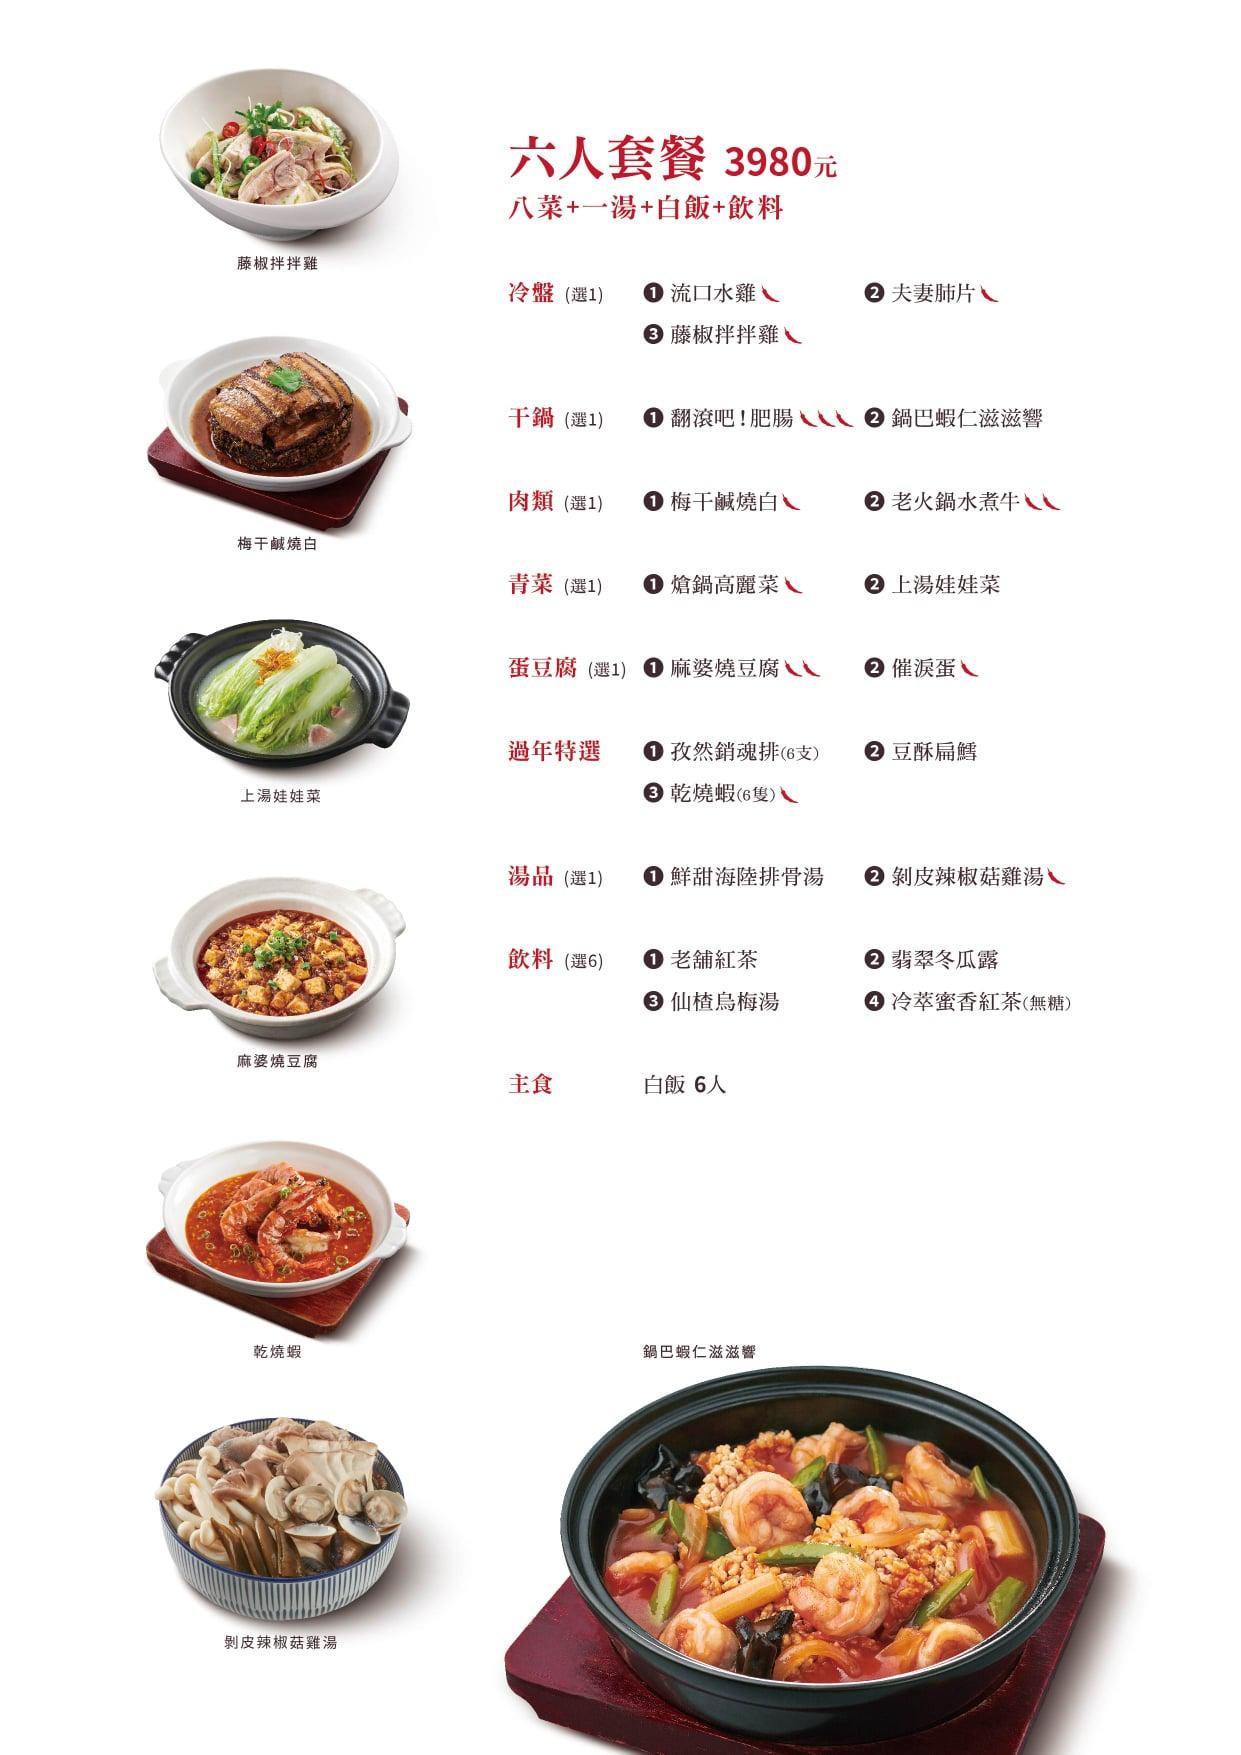 開飯川食堂菜單MENU-六人套餐